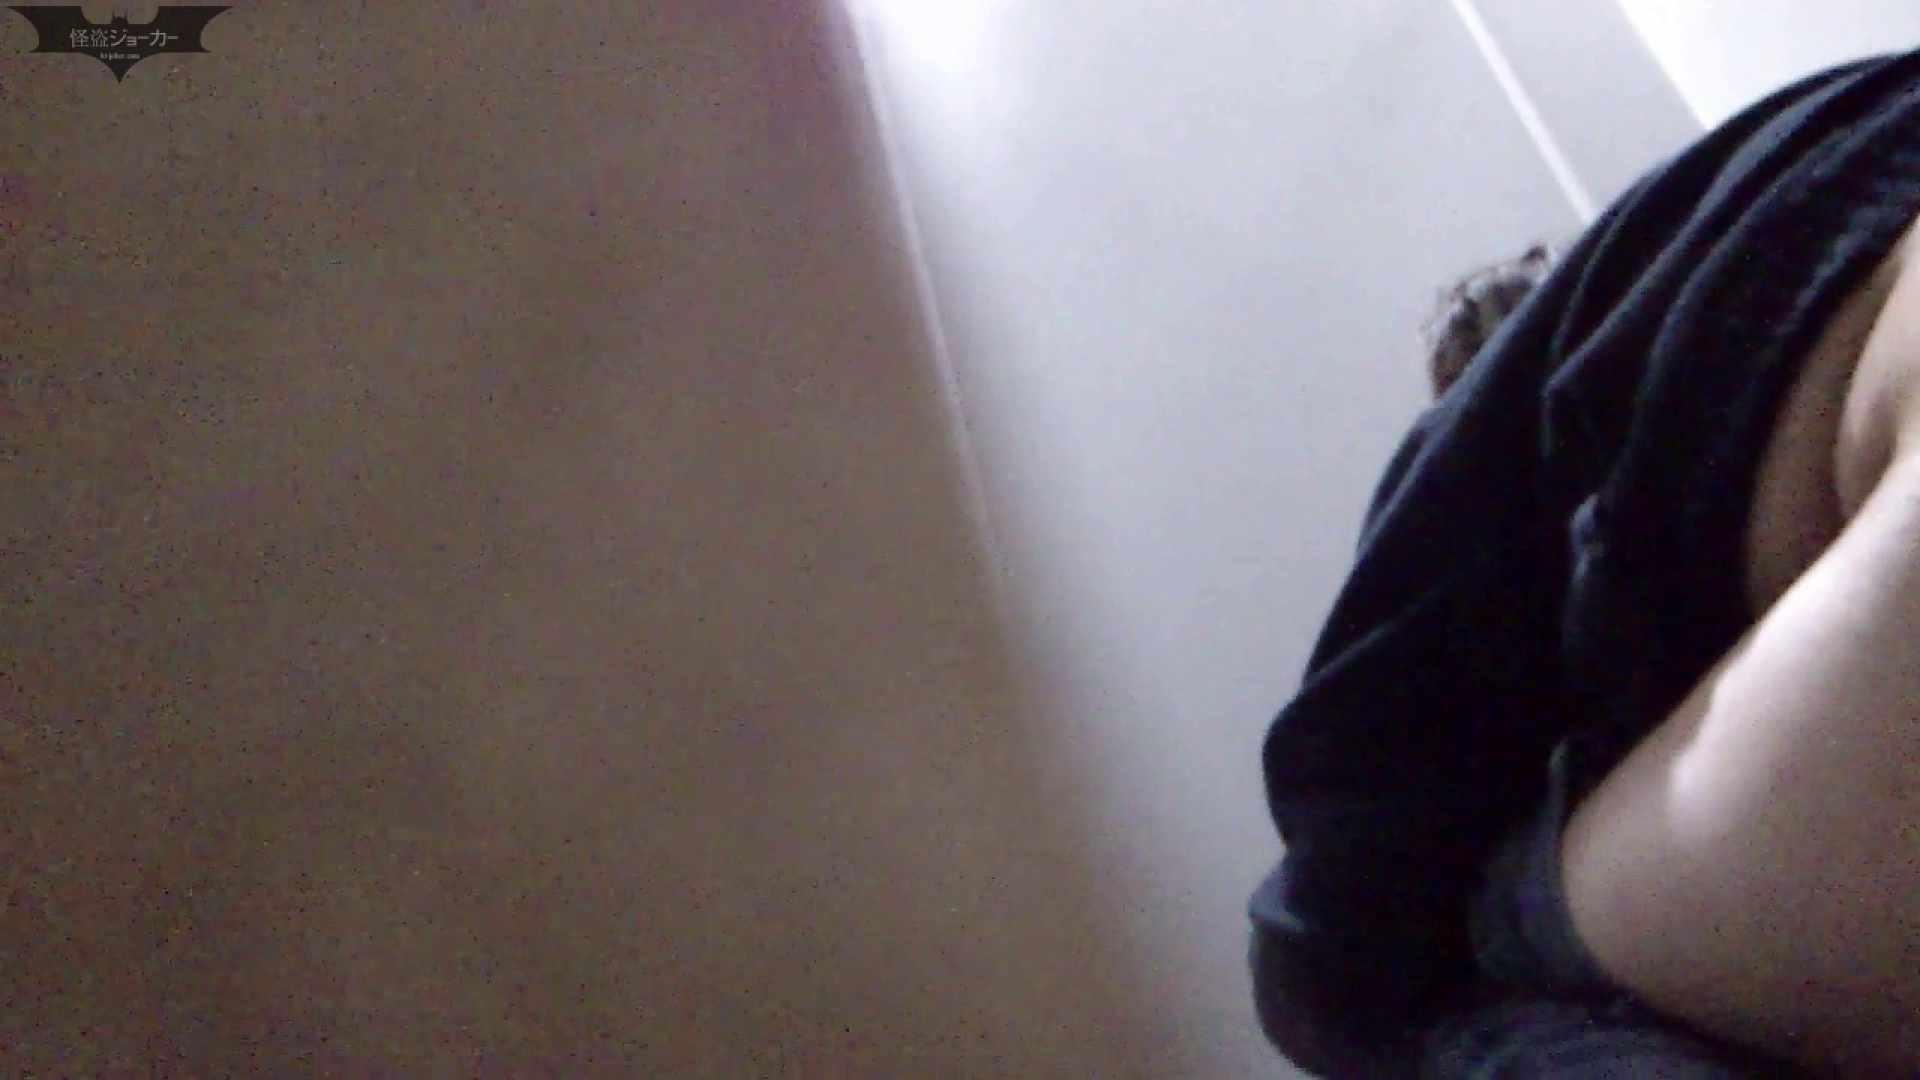 駅隣接デパート8携帯を隣の個室に挿し込んでみたら 洗面所のぞき おめこ無修正画像 77枚 69